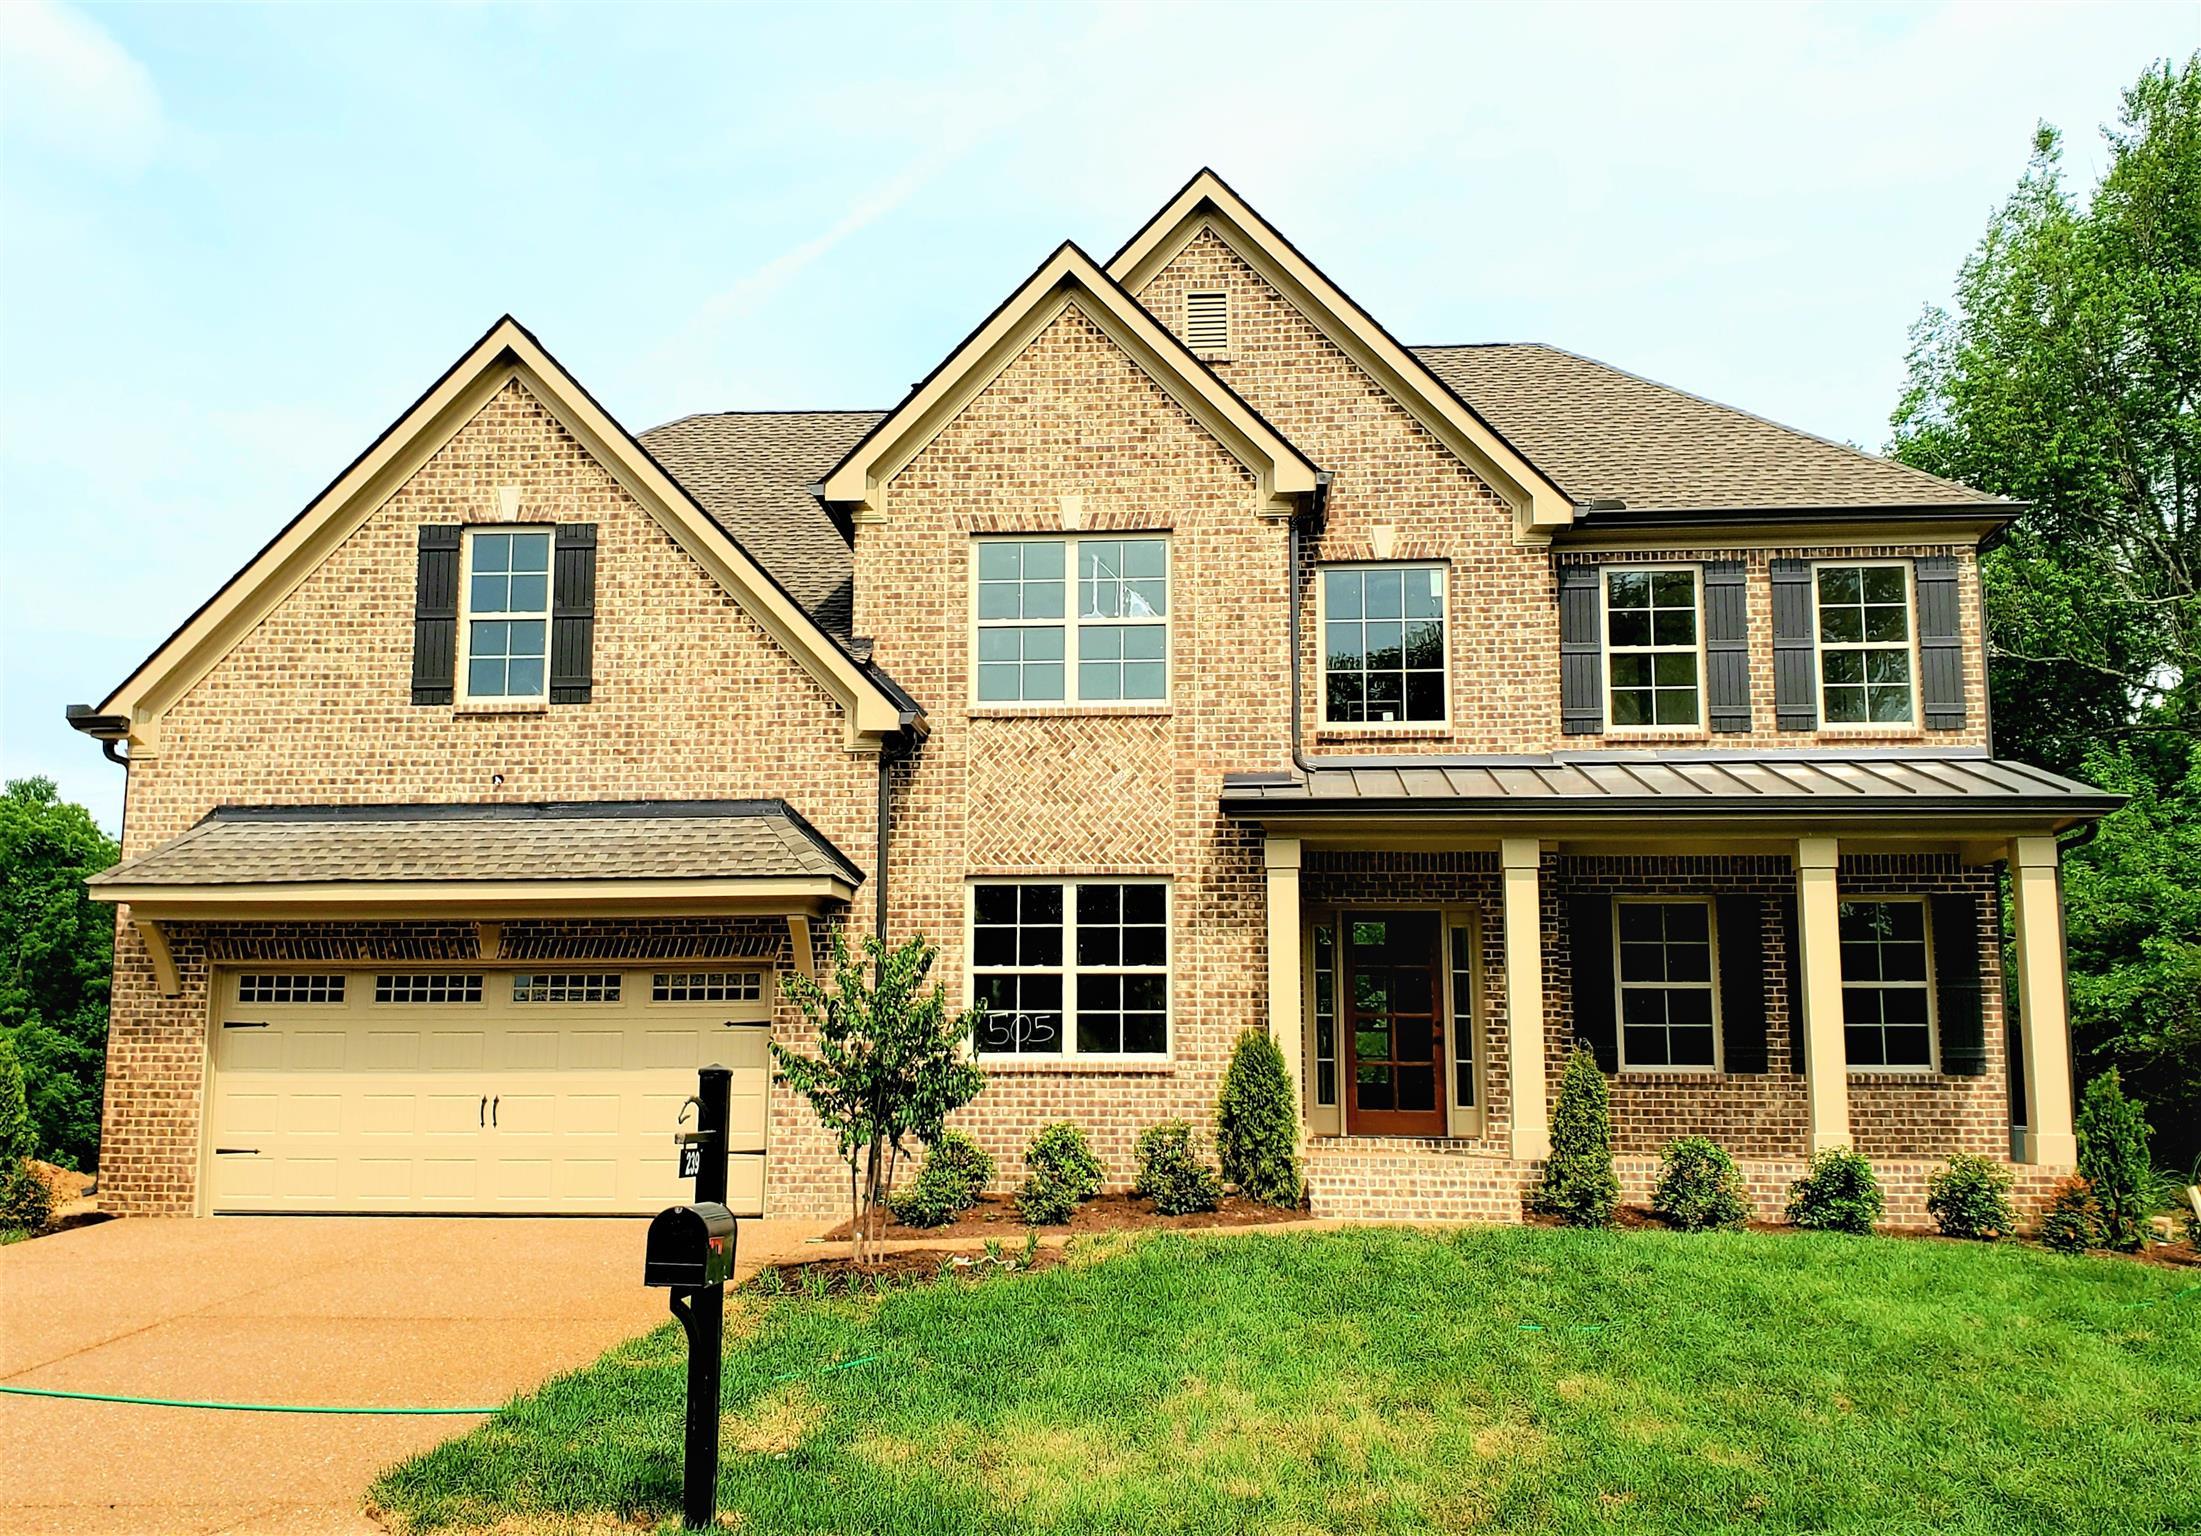 239 Rock Cress Rd (Lot #505), Nolensville, TN 37135 - Nolensville, TN real estate listing